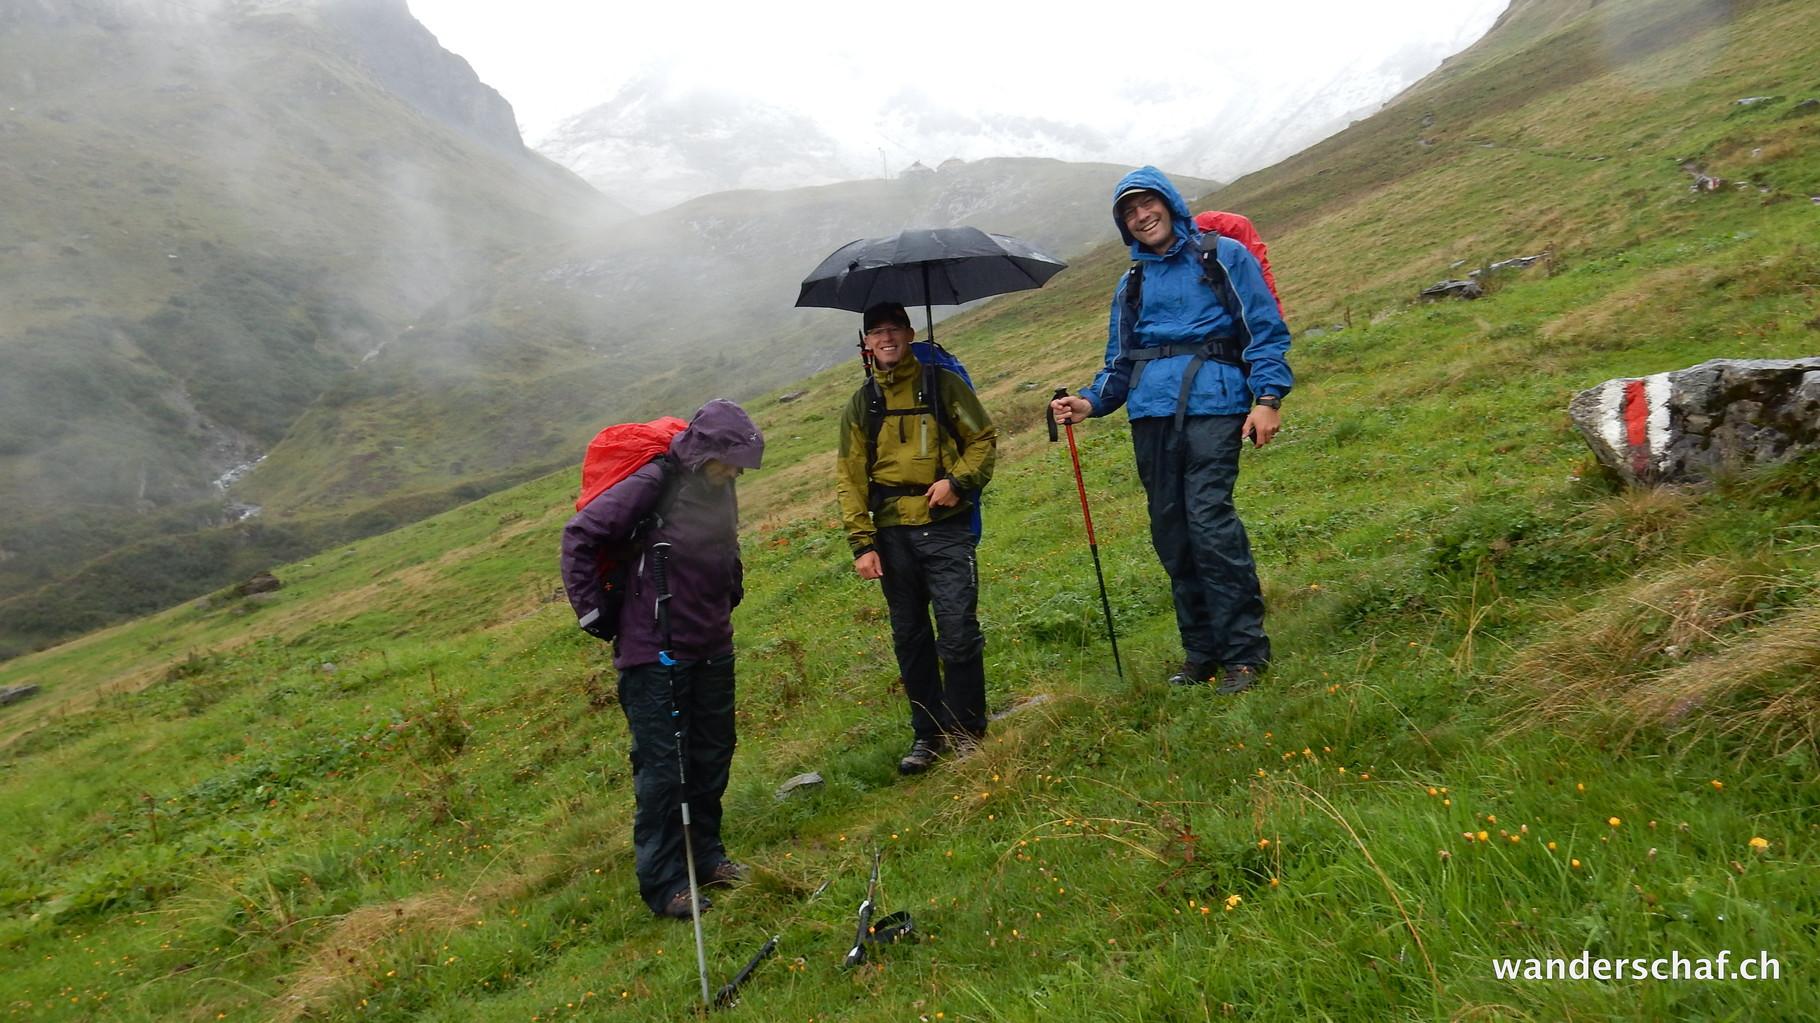 am nächsten Tag wird der Regen zu unserem zusätzlichen Begleiter